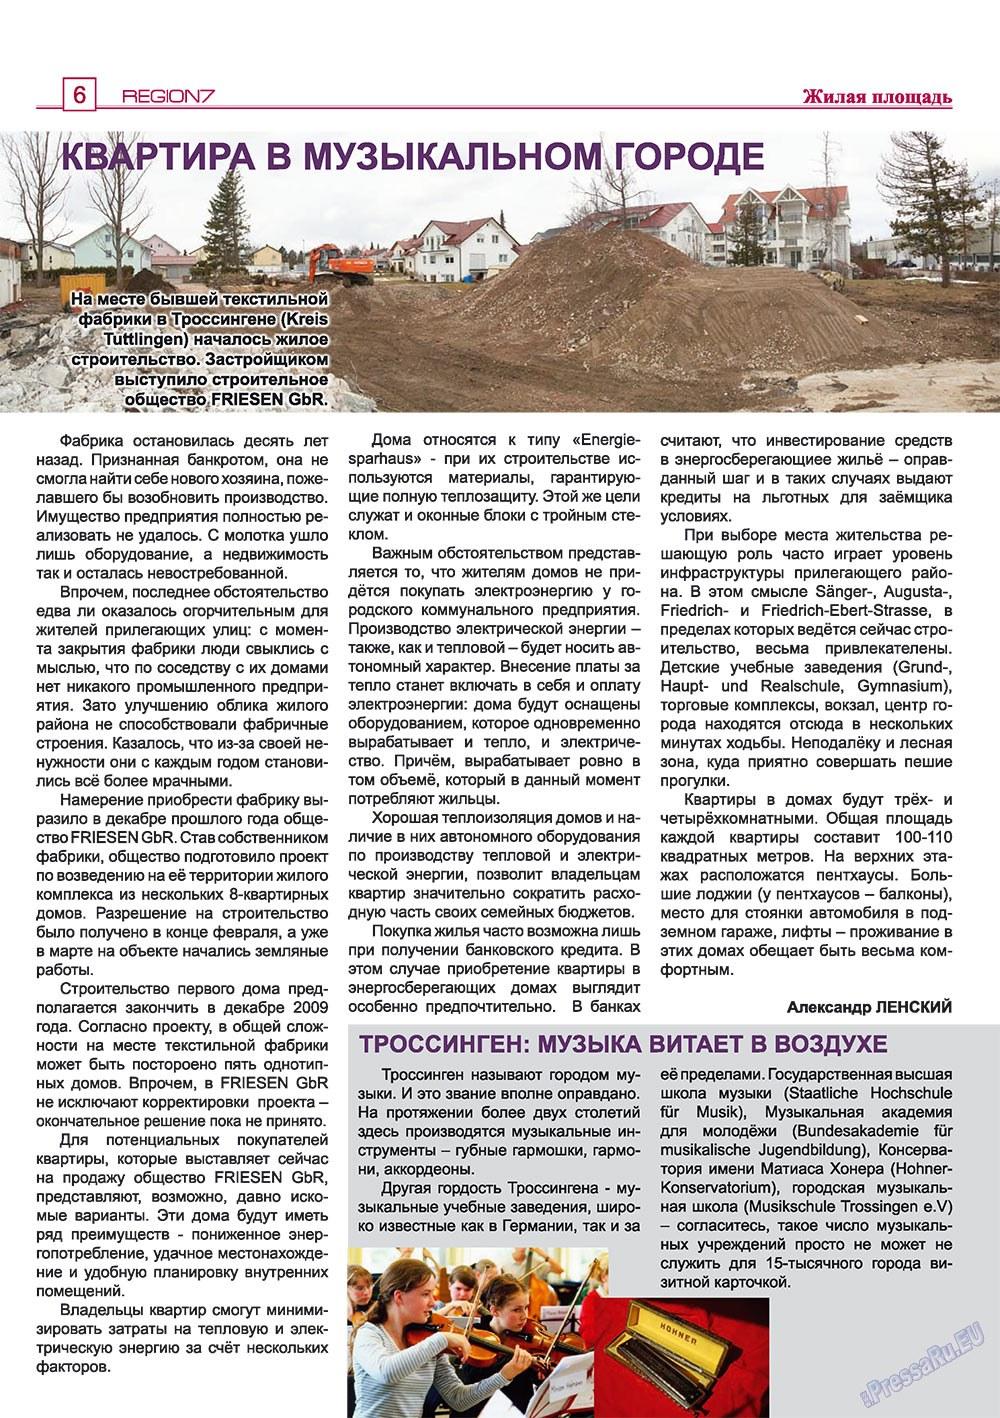 Регион (журнал). 2009 год, номер 2, стр. 6